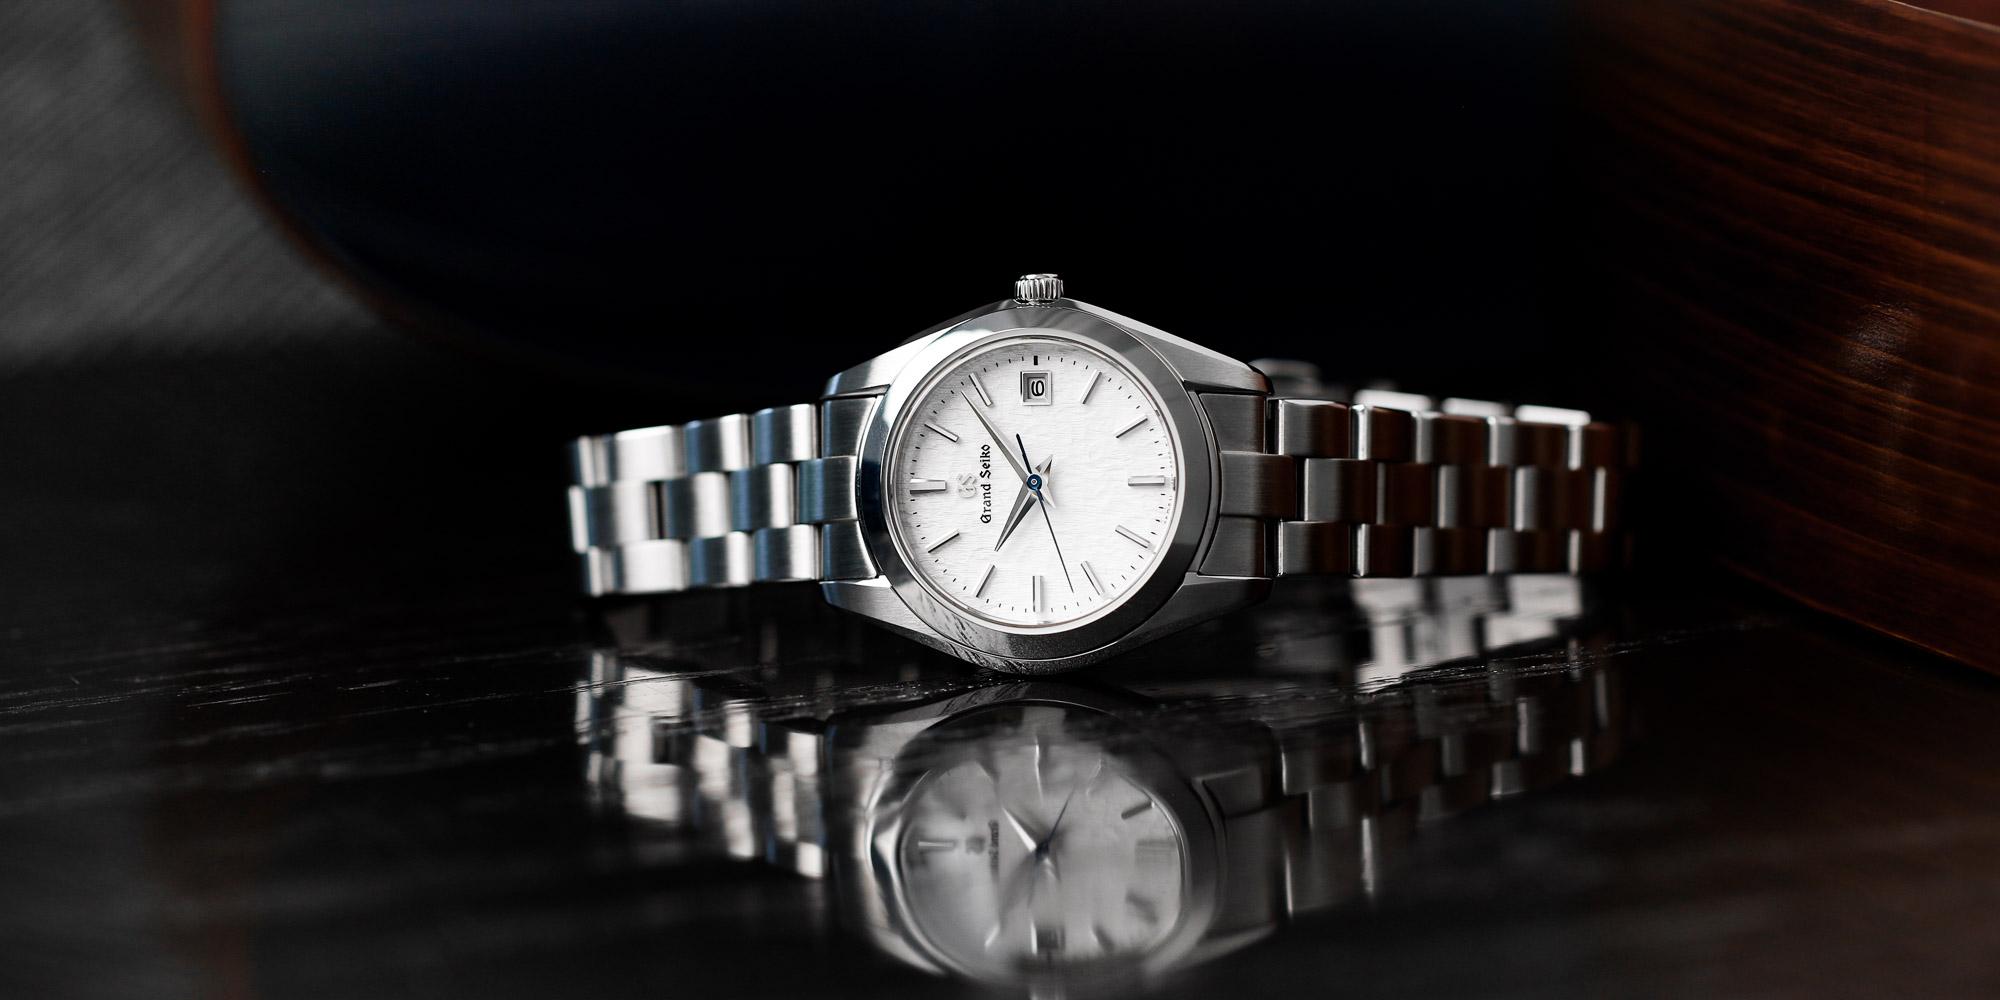 Grand Seiko STGF359 white dial wristwatch on a tabletop